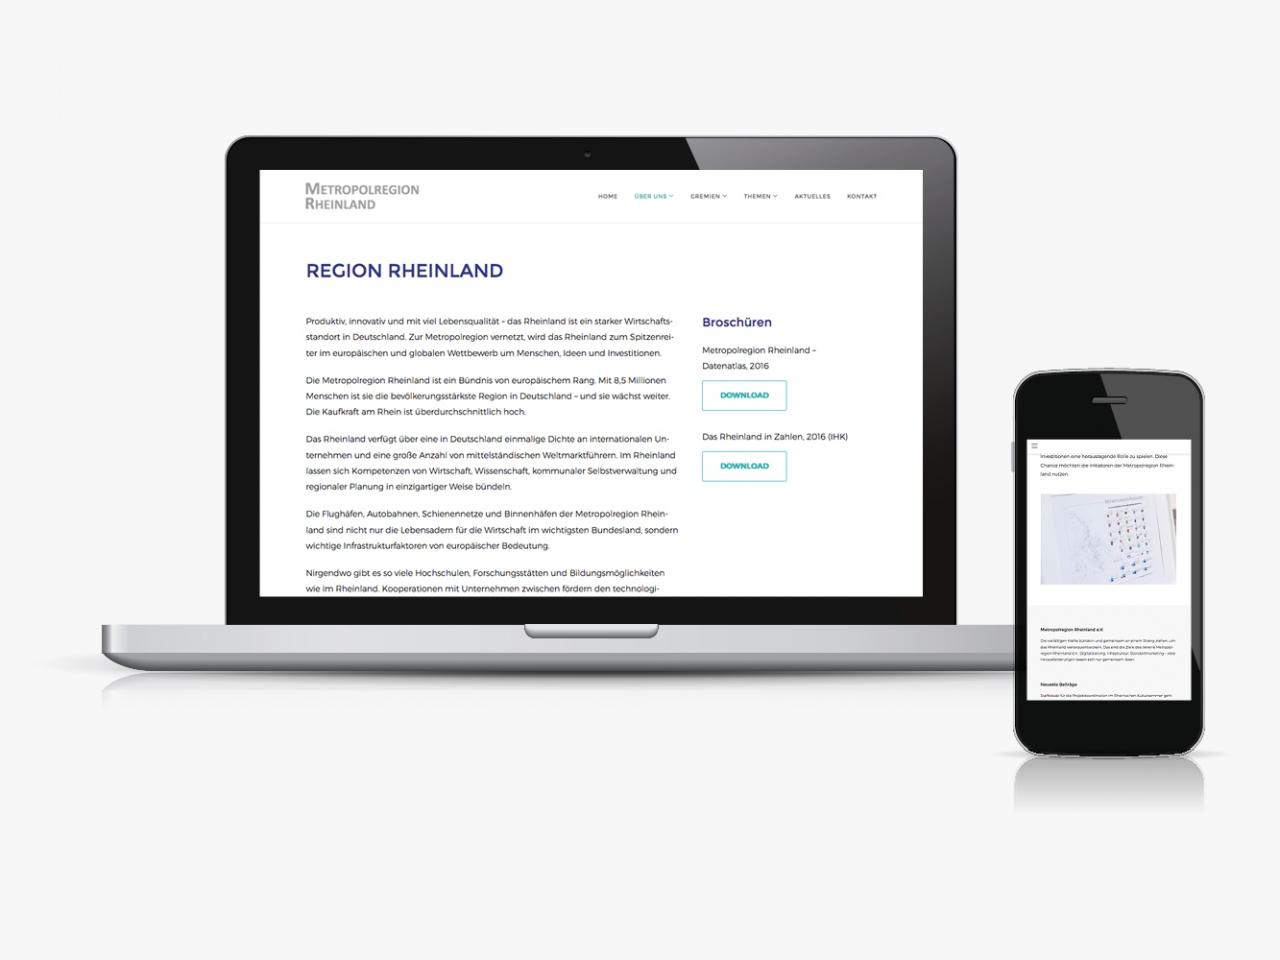 Jens Mittelsdorf Büro für Gestaltung Metropolregion Rheinland → Webdesign, Grafikdesign